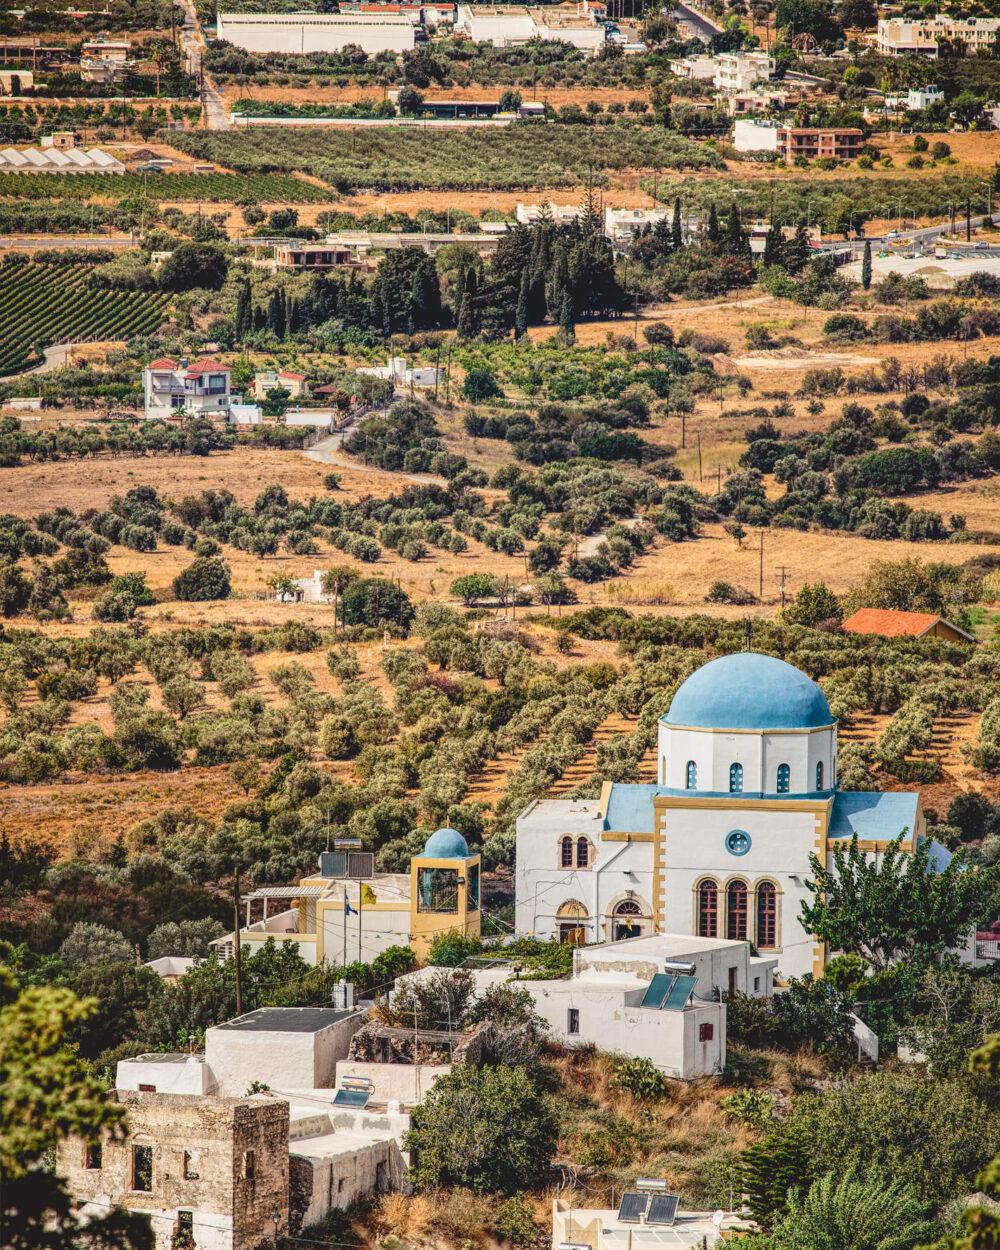 Kirche umringt von Olivenhainen auf der Insel Kos in Griechenland als nachhaltiger Kunstdruck in weissem Rahmen in 60x90cm von Stephan Böhm